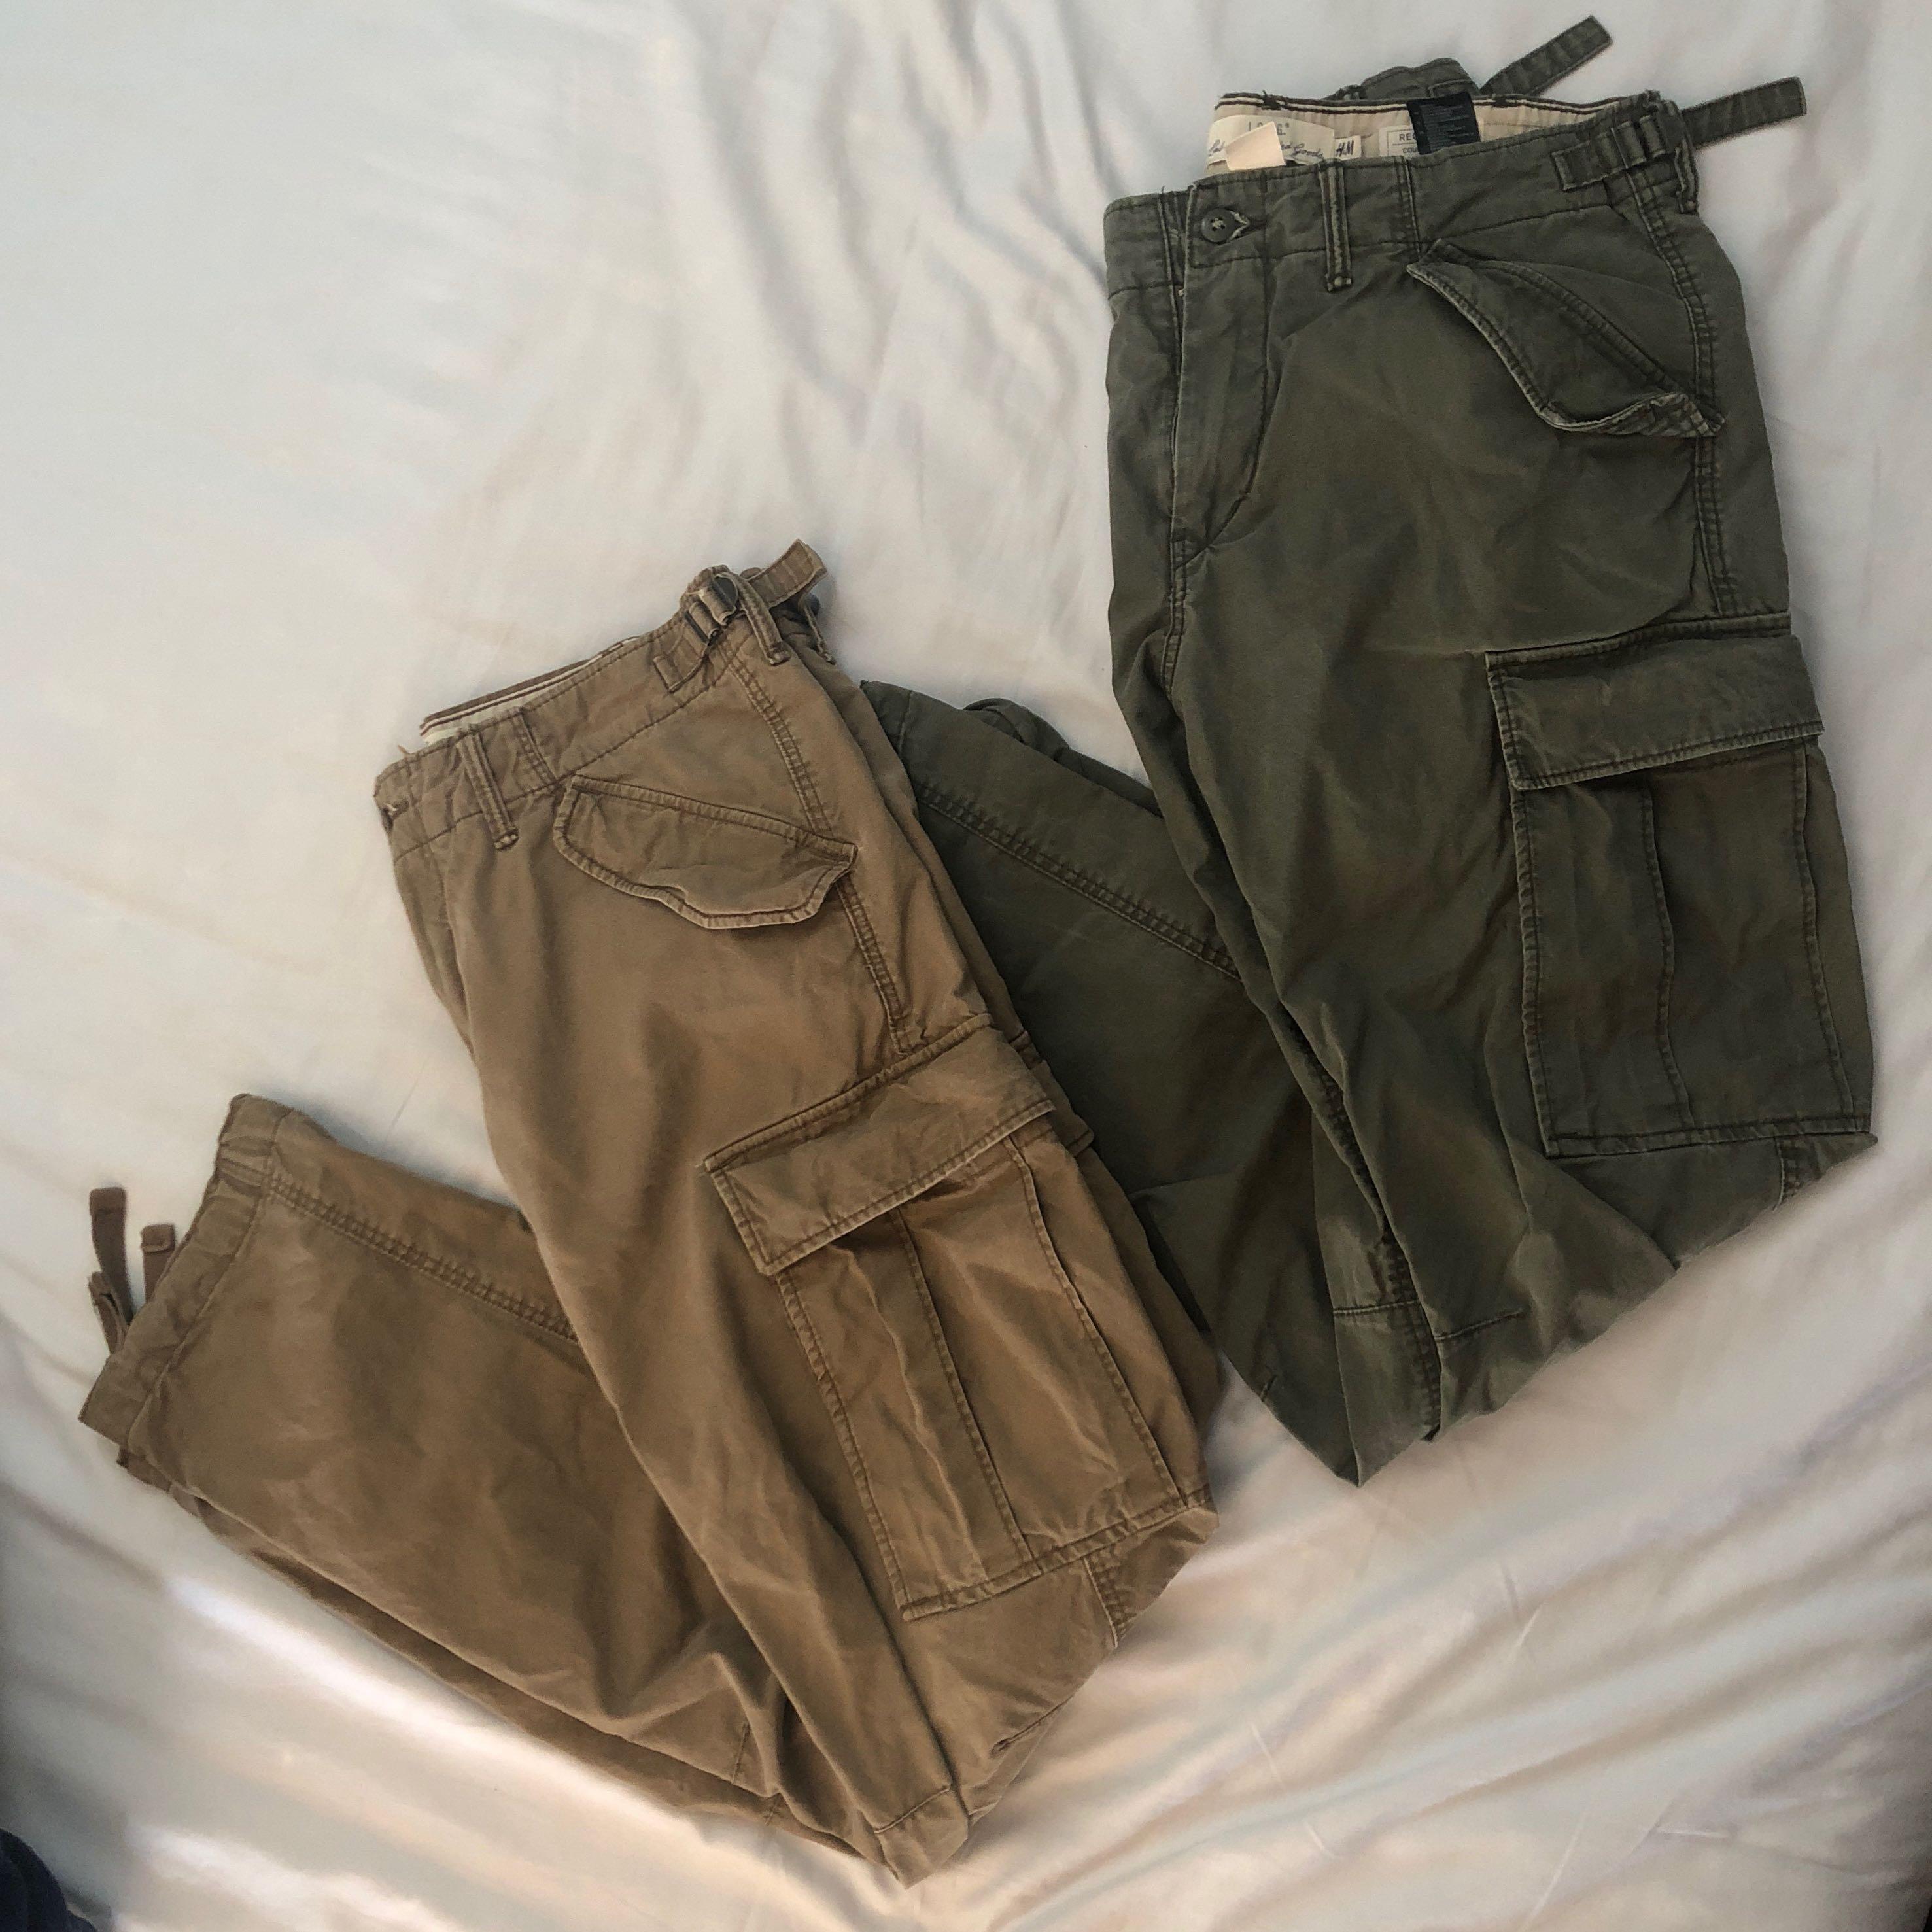 2 mens cargo pants (green & beige)